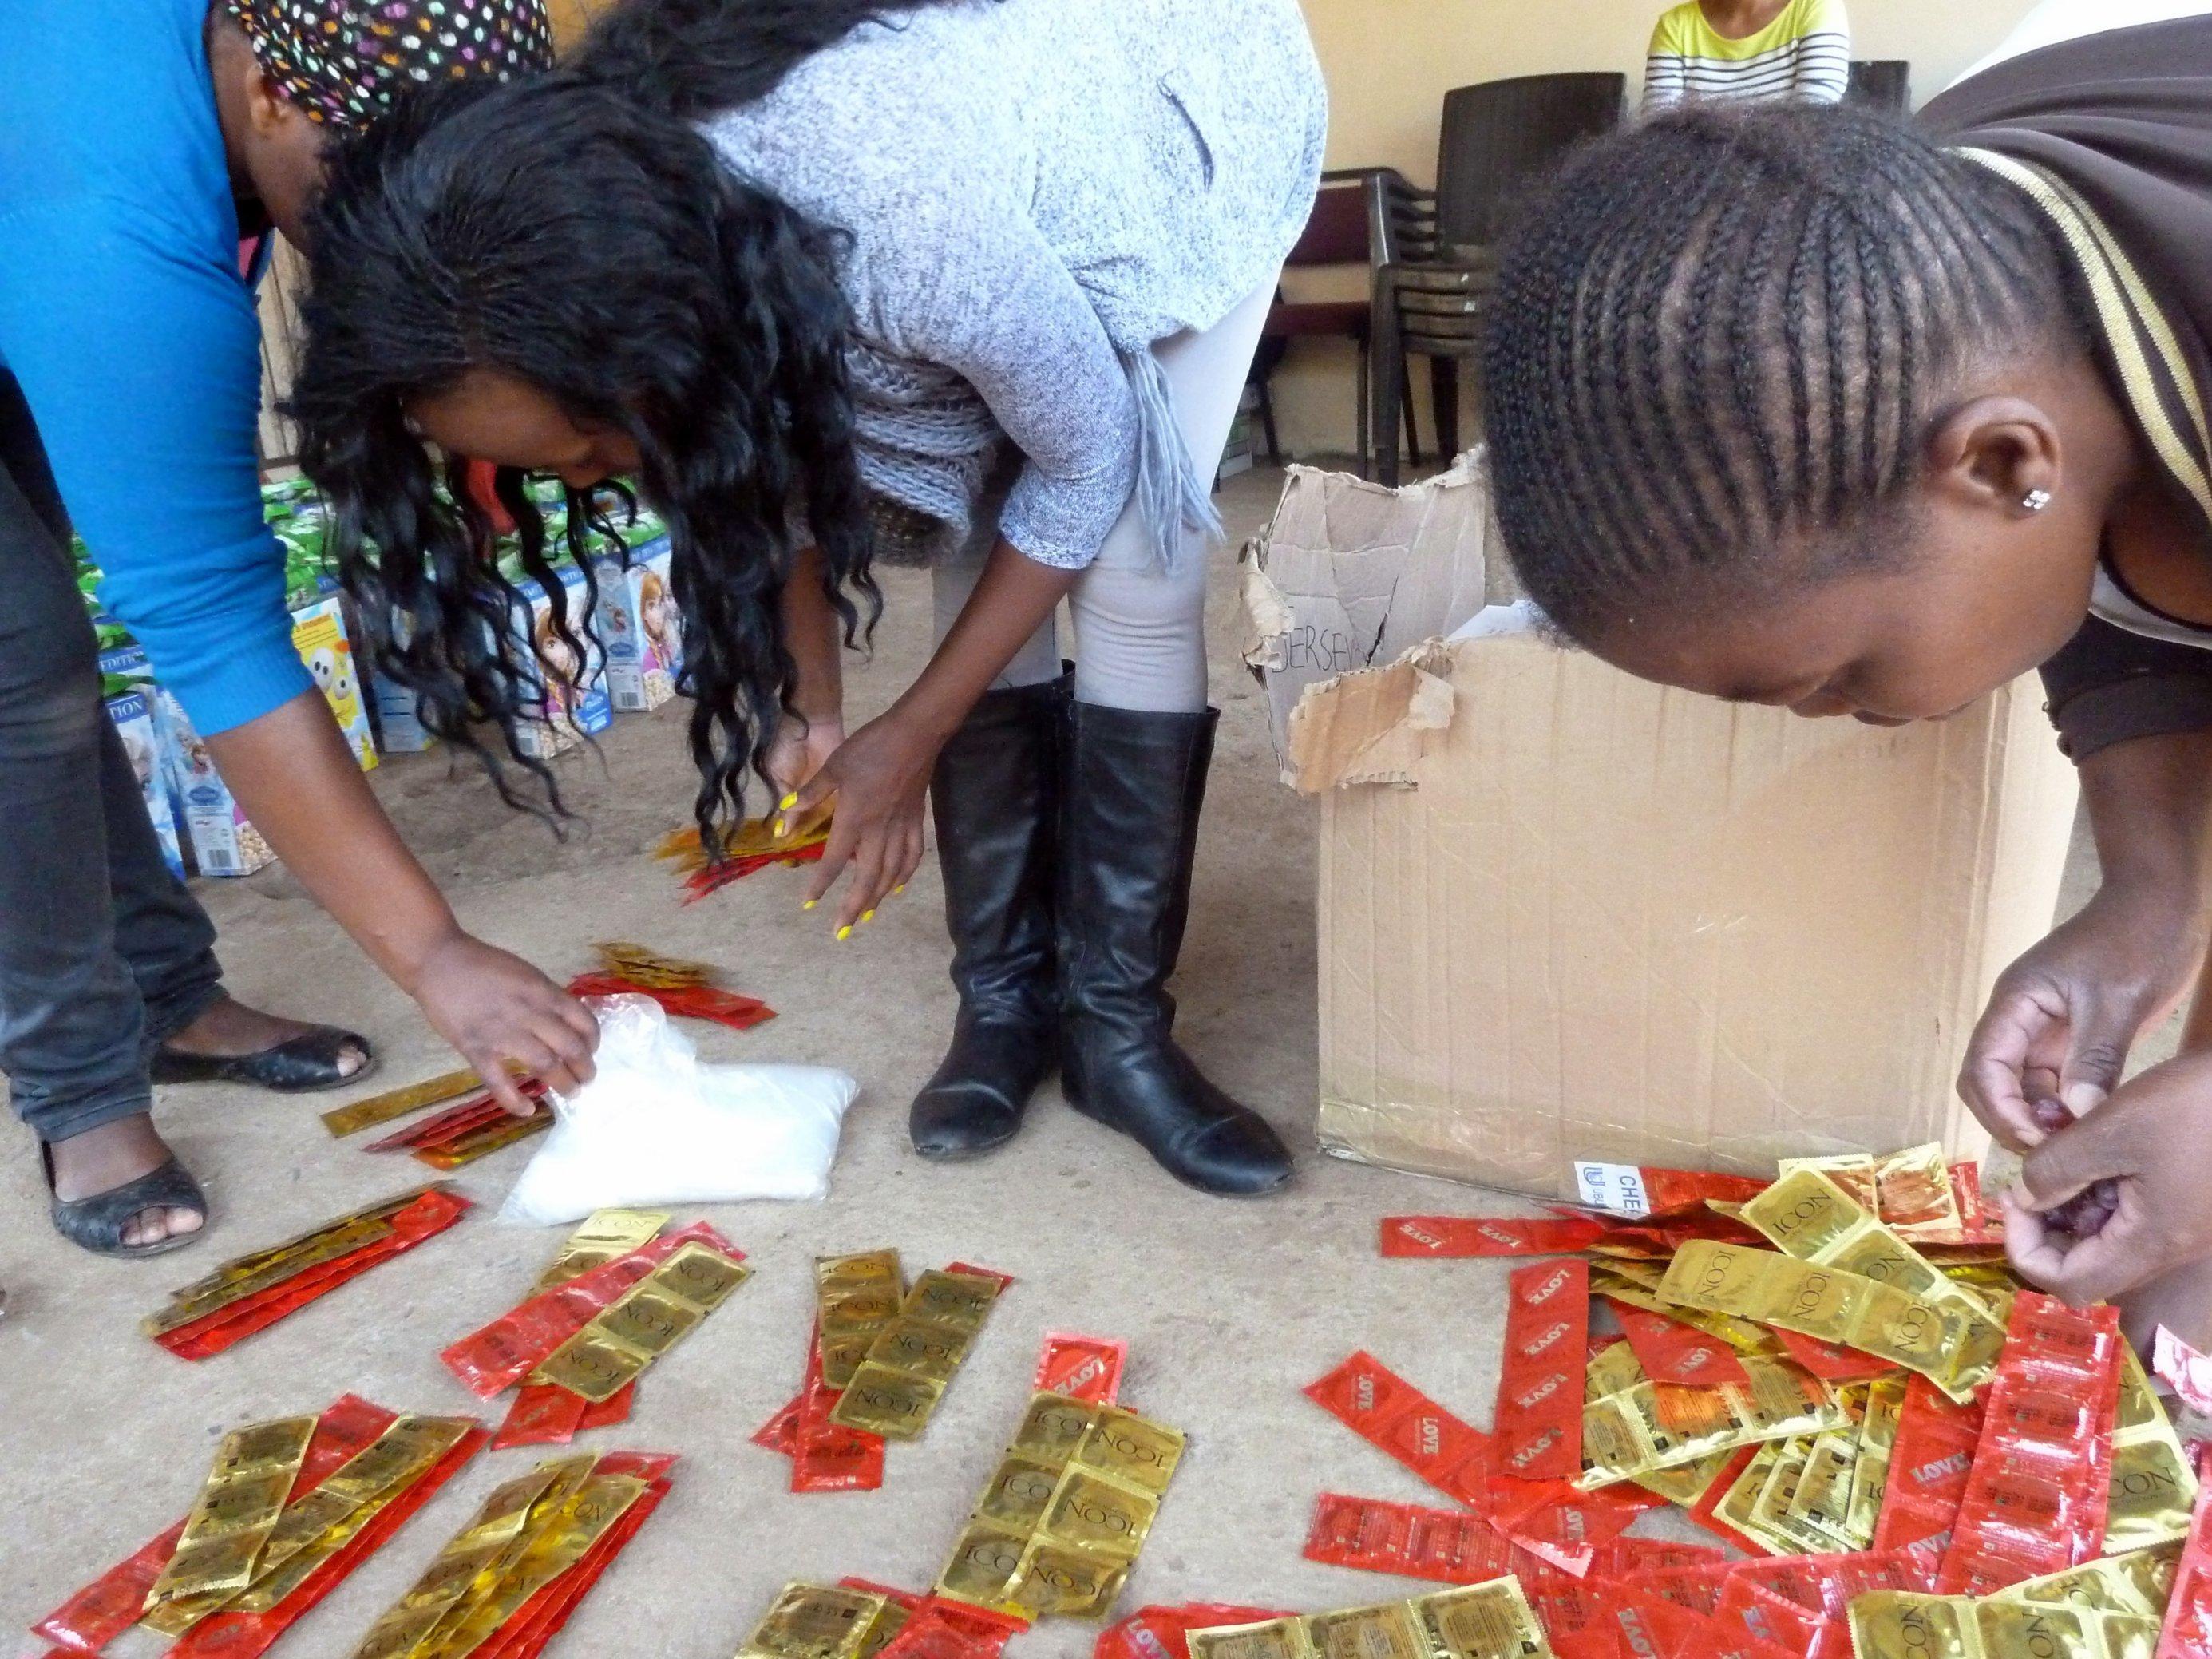 Aktivistinnen beugen sich über verpackte Kondome, die auf dem Boden liegen, um sie für die Verteilung zurechtzulegen.